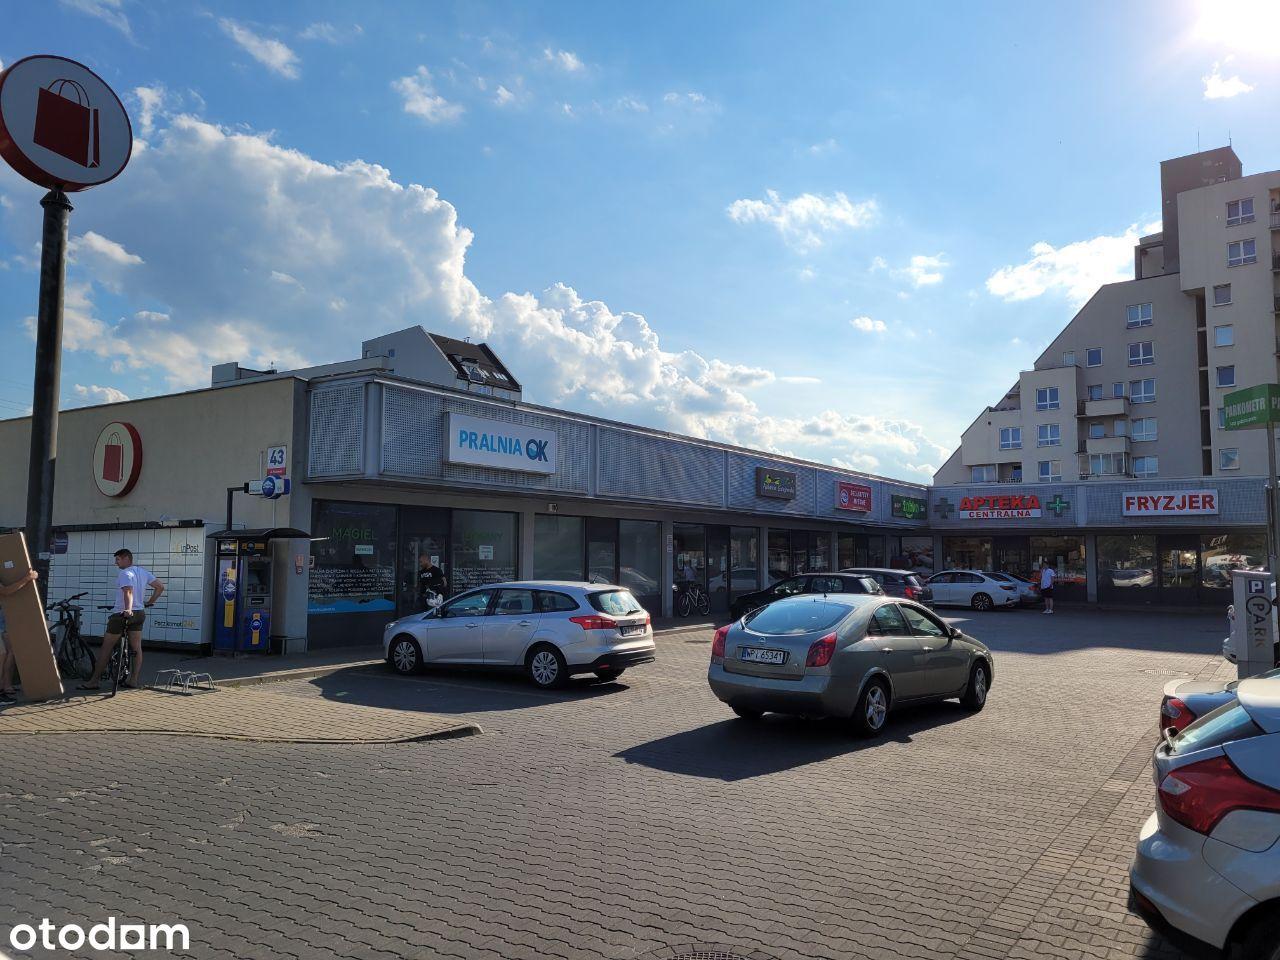 Lokal 58m2 dobra lokalizacja w pasażu handlowy